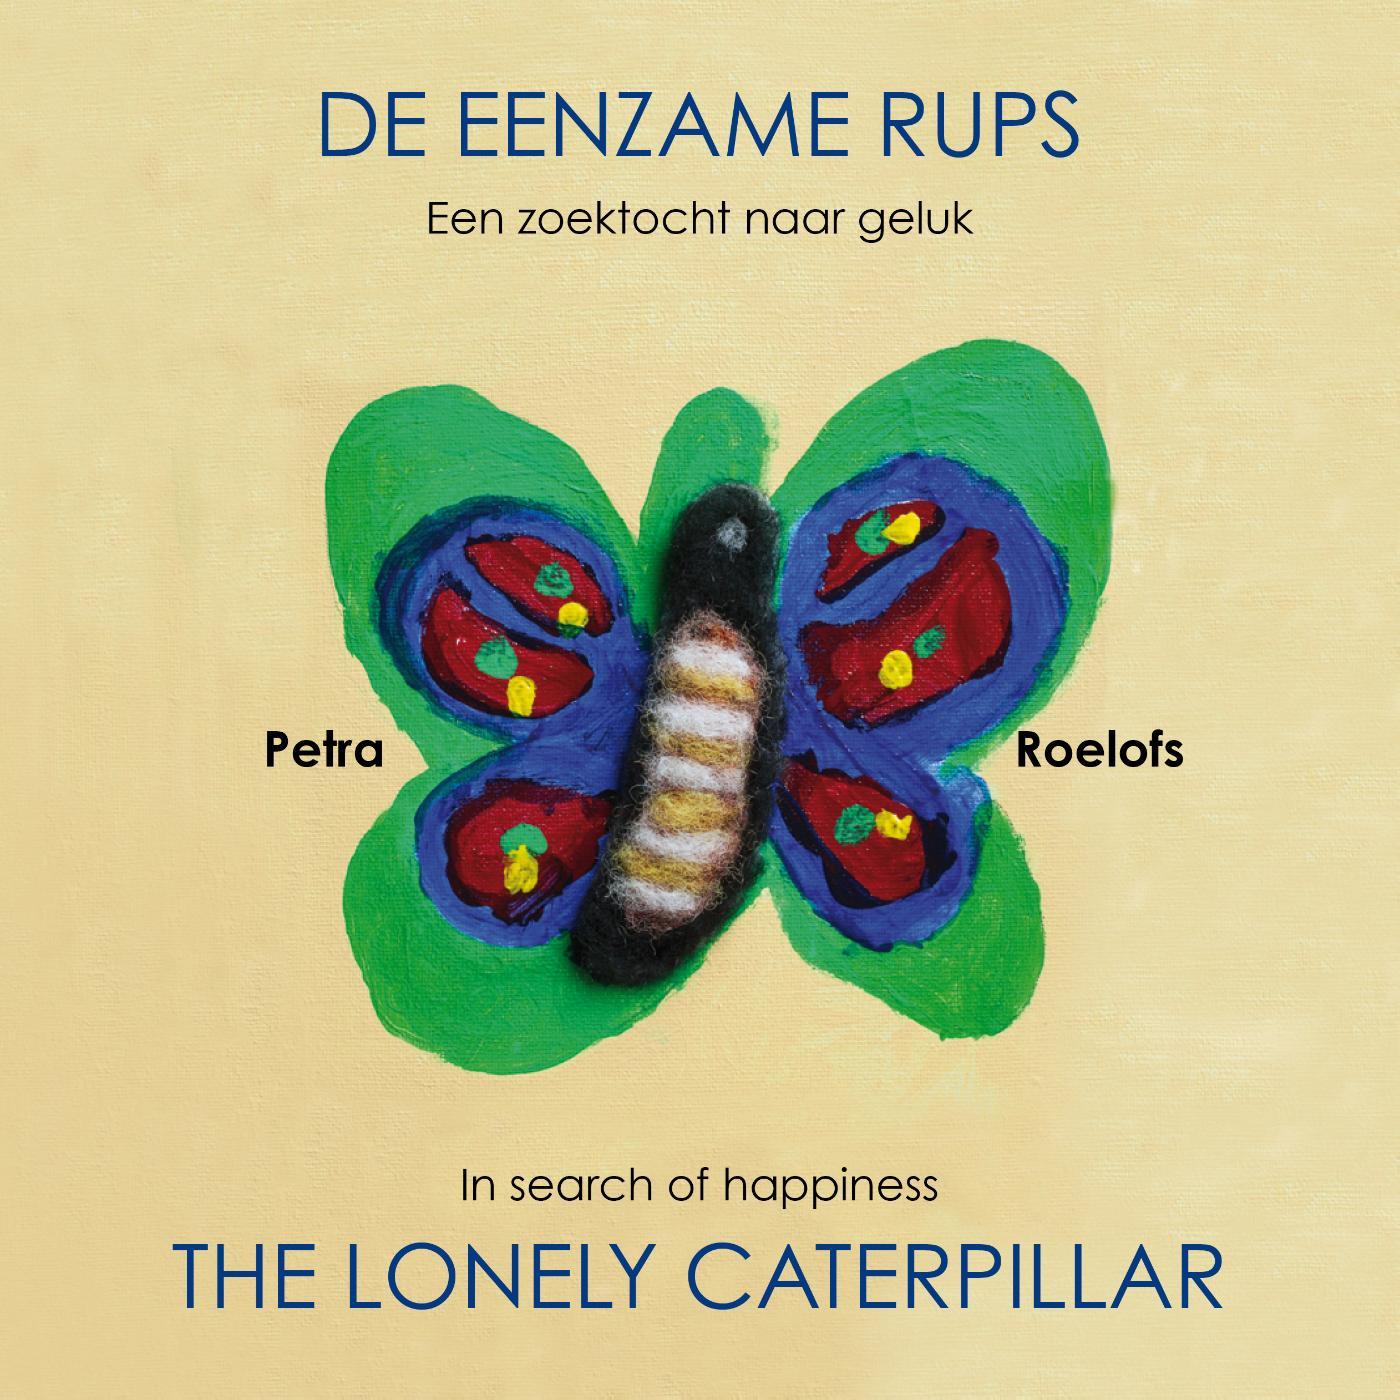 De eenzame rups / The lonely caterpillar